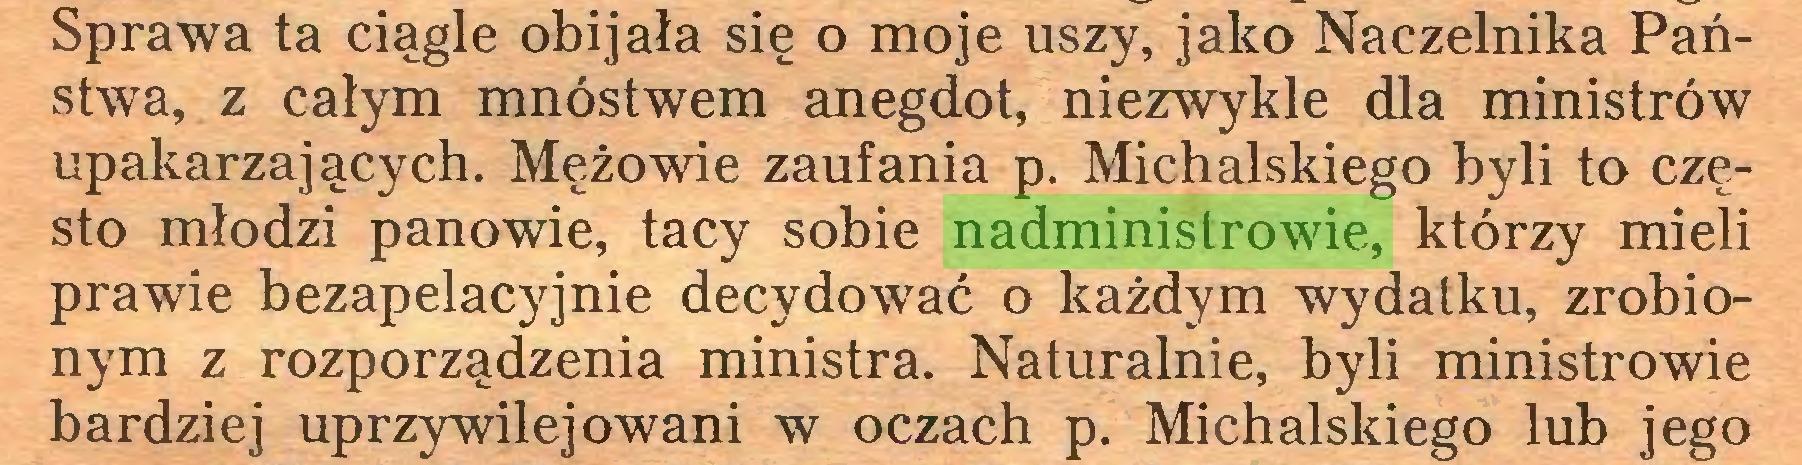 (...) Sprawa ta ciągle obijała się o moje uszy, jako Naczelnika Państwa, z całym mnóstwem anegdot, niezwykle dla ministrów upakarzających. Mężowie zaufania p. Michalskiego byli to często młodzi panowie, tacy sobie nadministrowie, którzy mieli prawie bezapelacyjnie decydować o każdym wydatku, zrobionym z rozporządzenia ministra. Naturalnie, byli ministrowie bardziej uprzywilejowani w oczach p. Michalskiego lub jego...